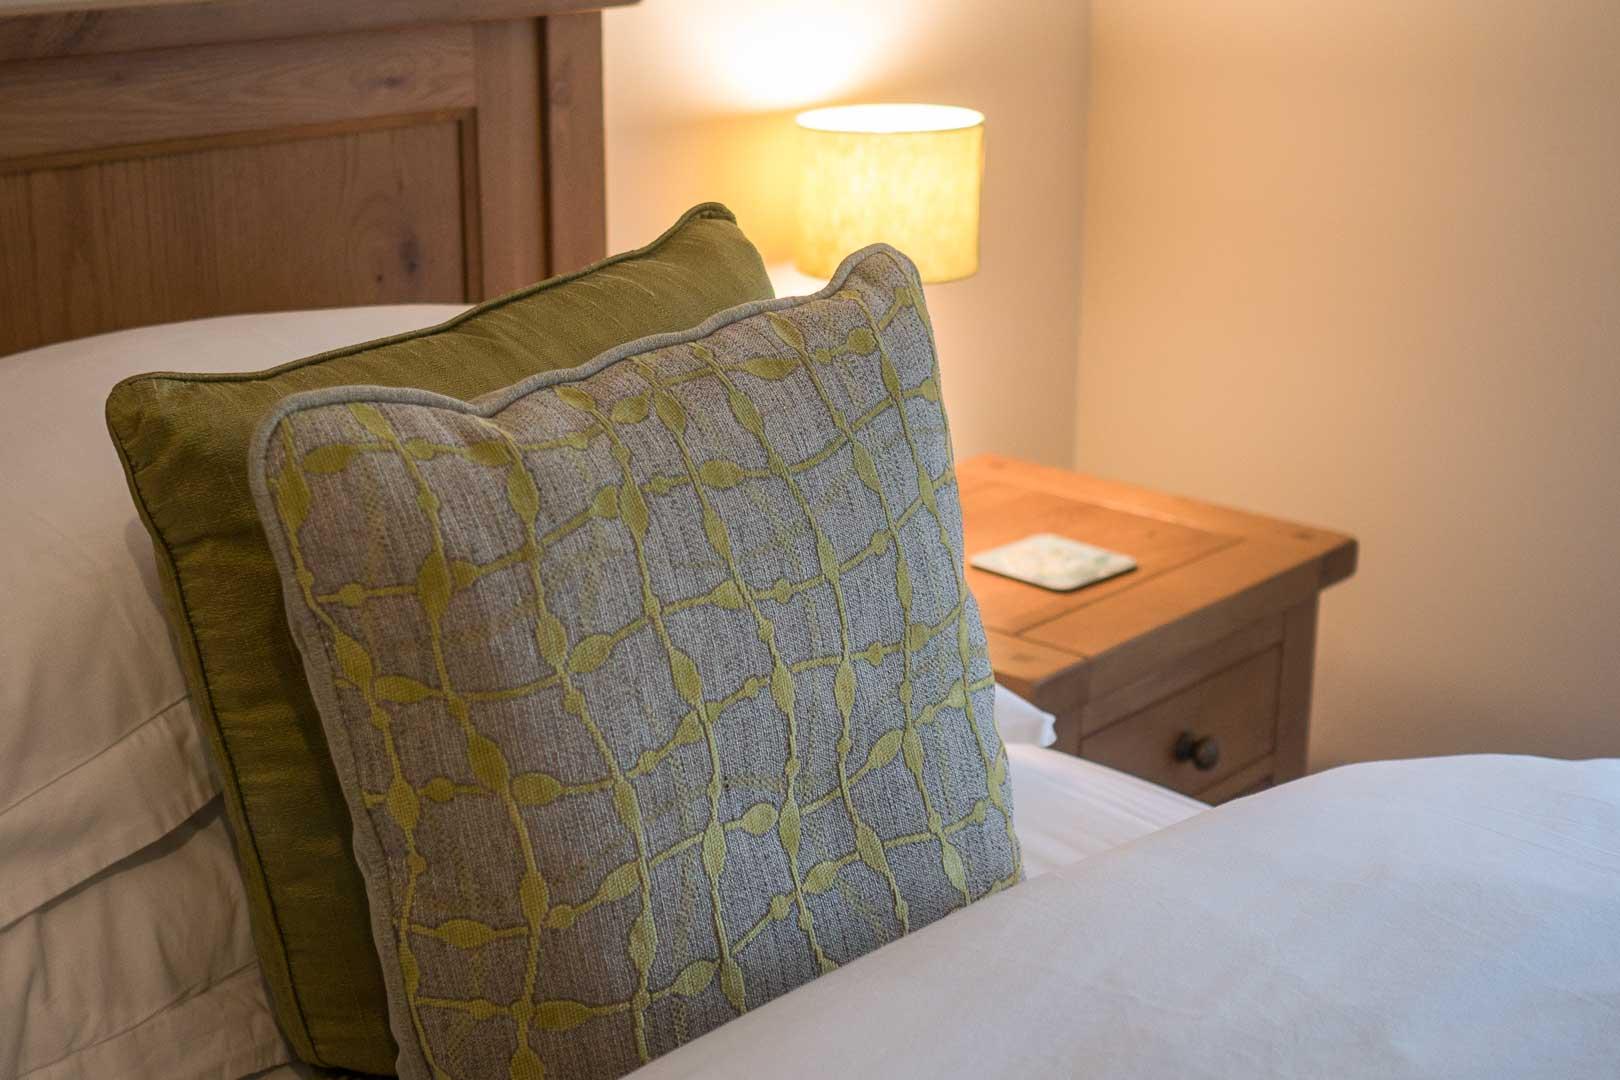 Sanaigmore cottage: stylishly furnished throughout